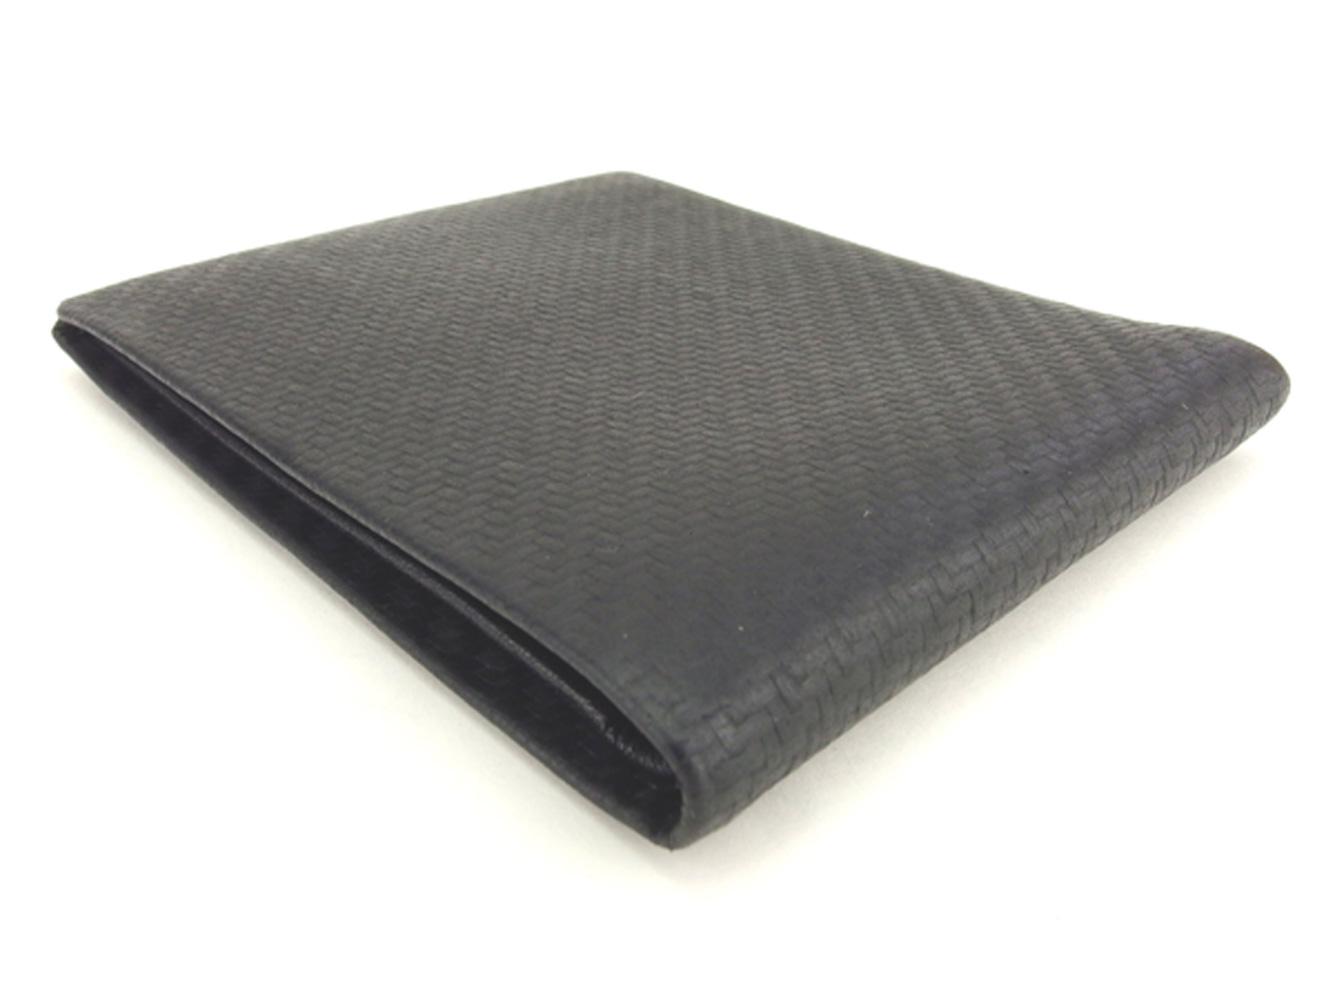 ダンヒル dunhill 二つ折り 札入れ メンズ ブラック カーボン加工マットプリンテッドレザー T7991OkiuPZXT